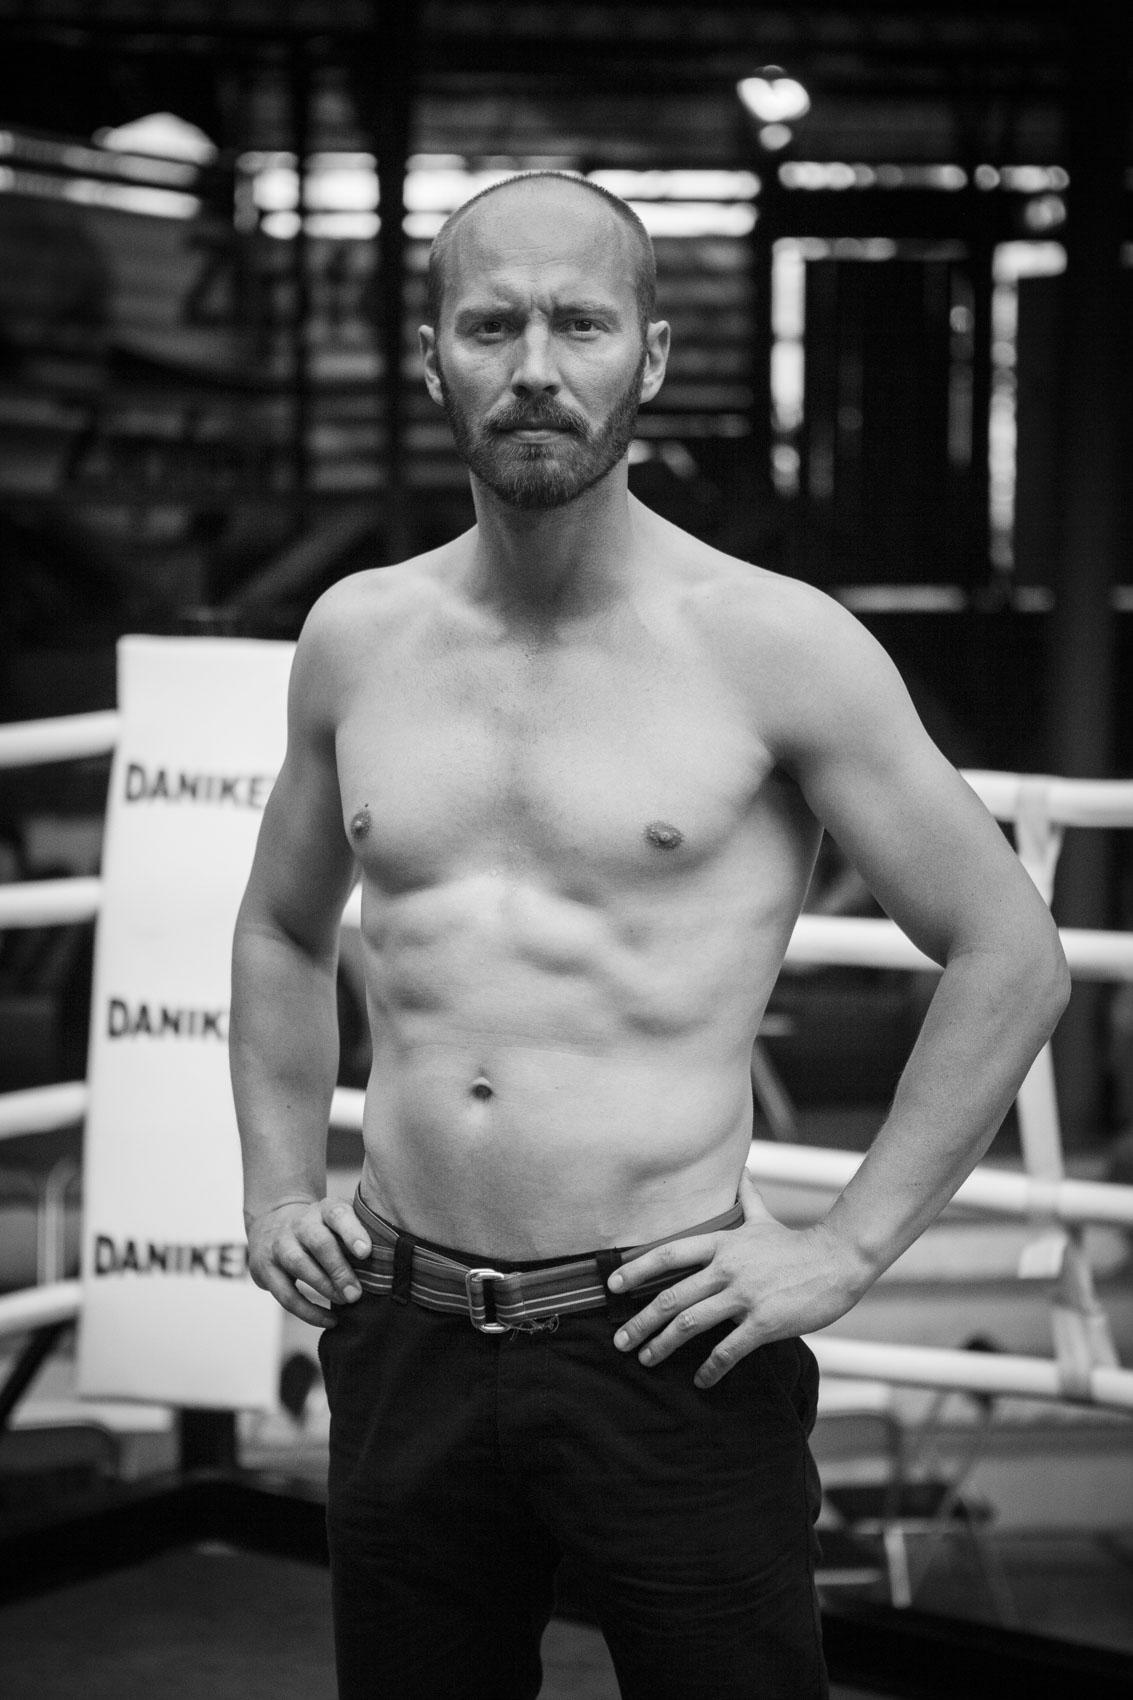 Dennis Dewall | Boxclubbetreiber